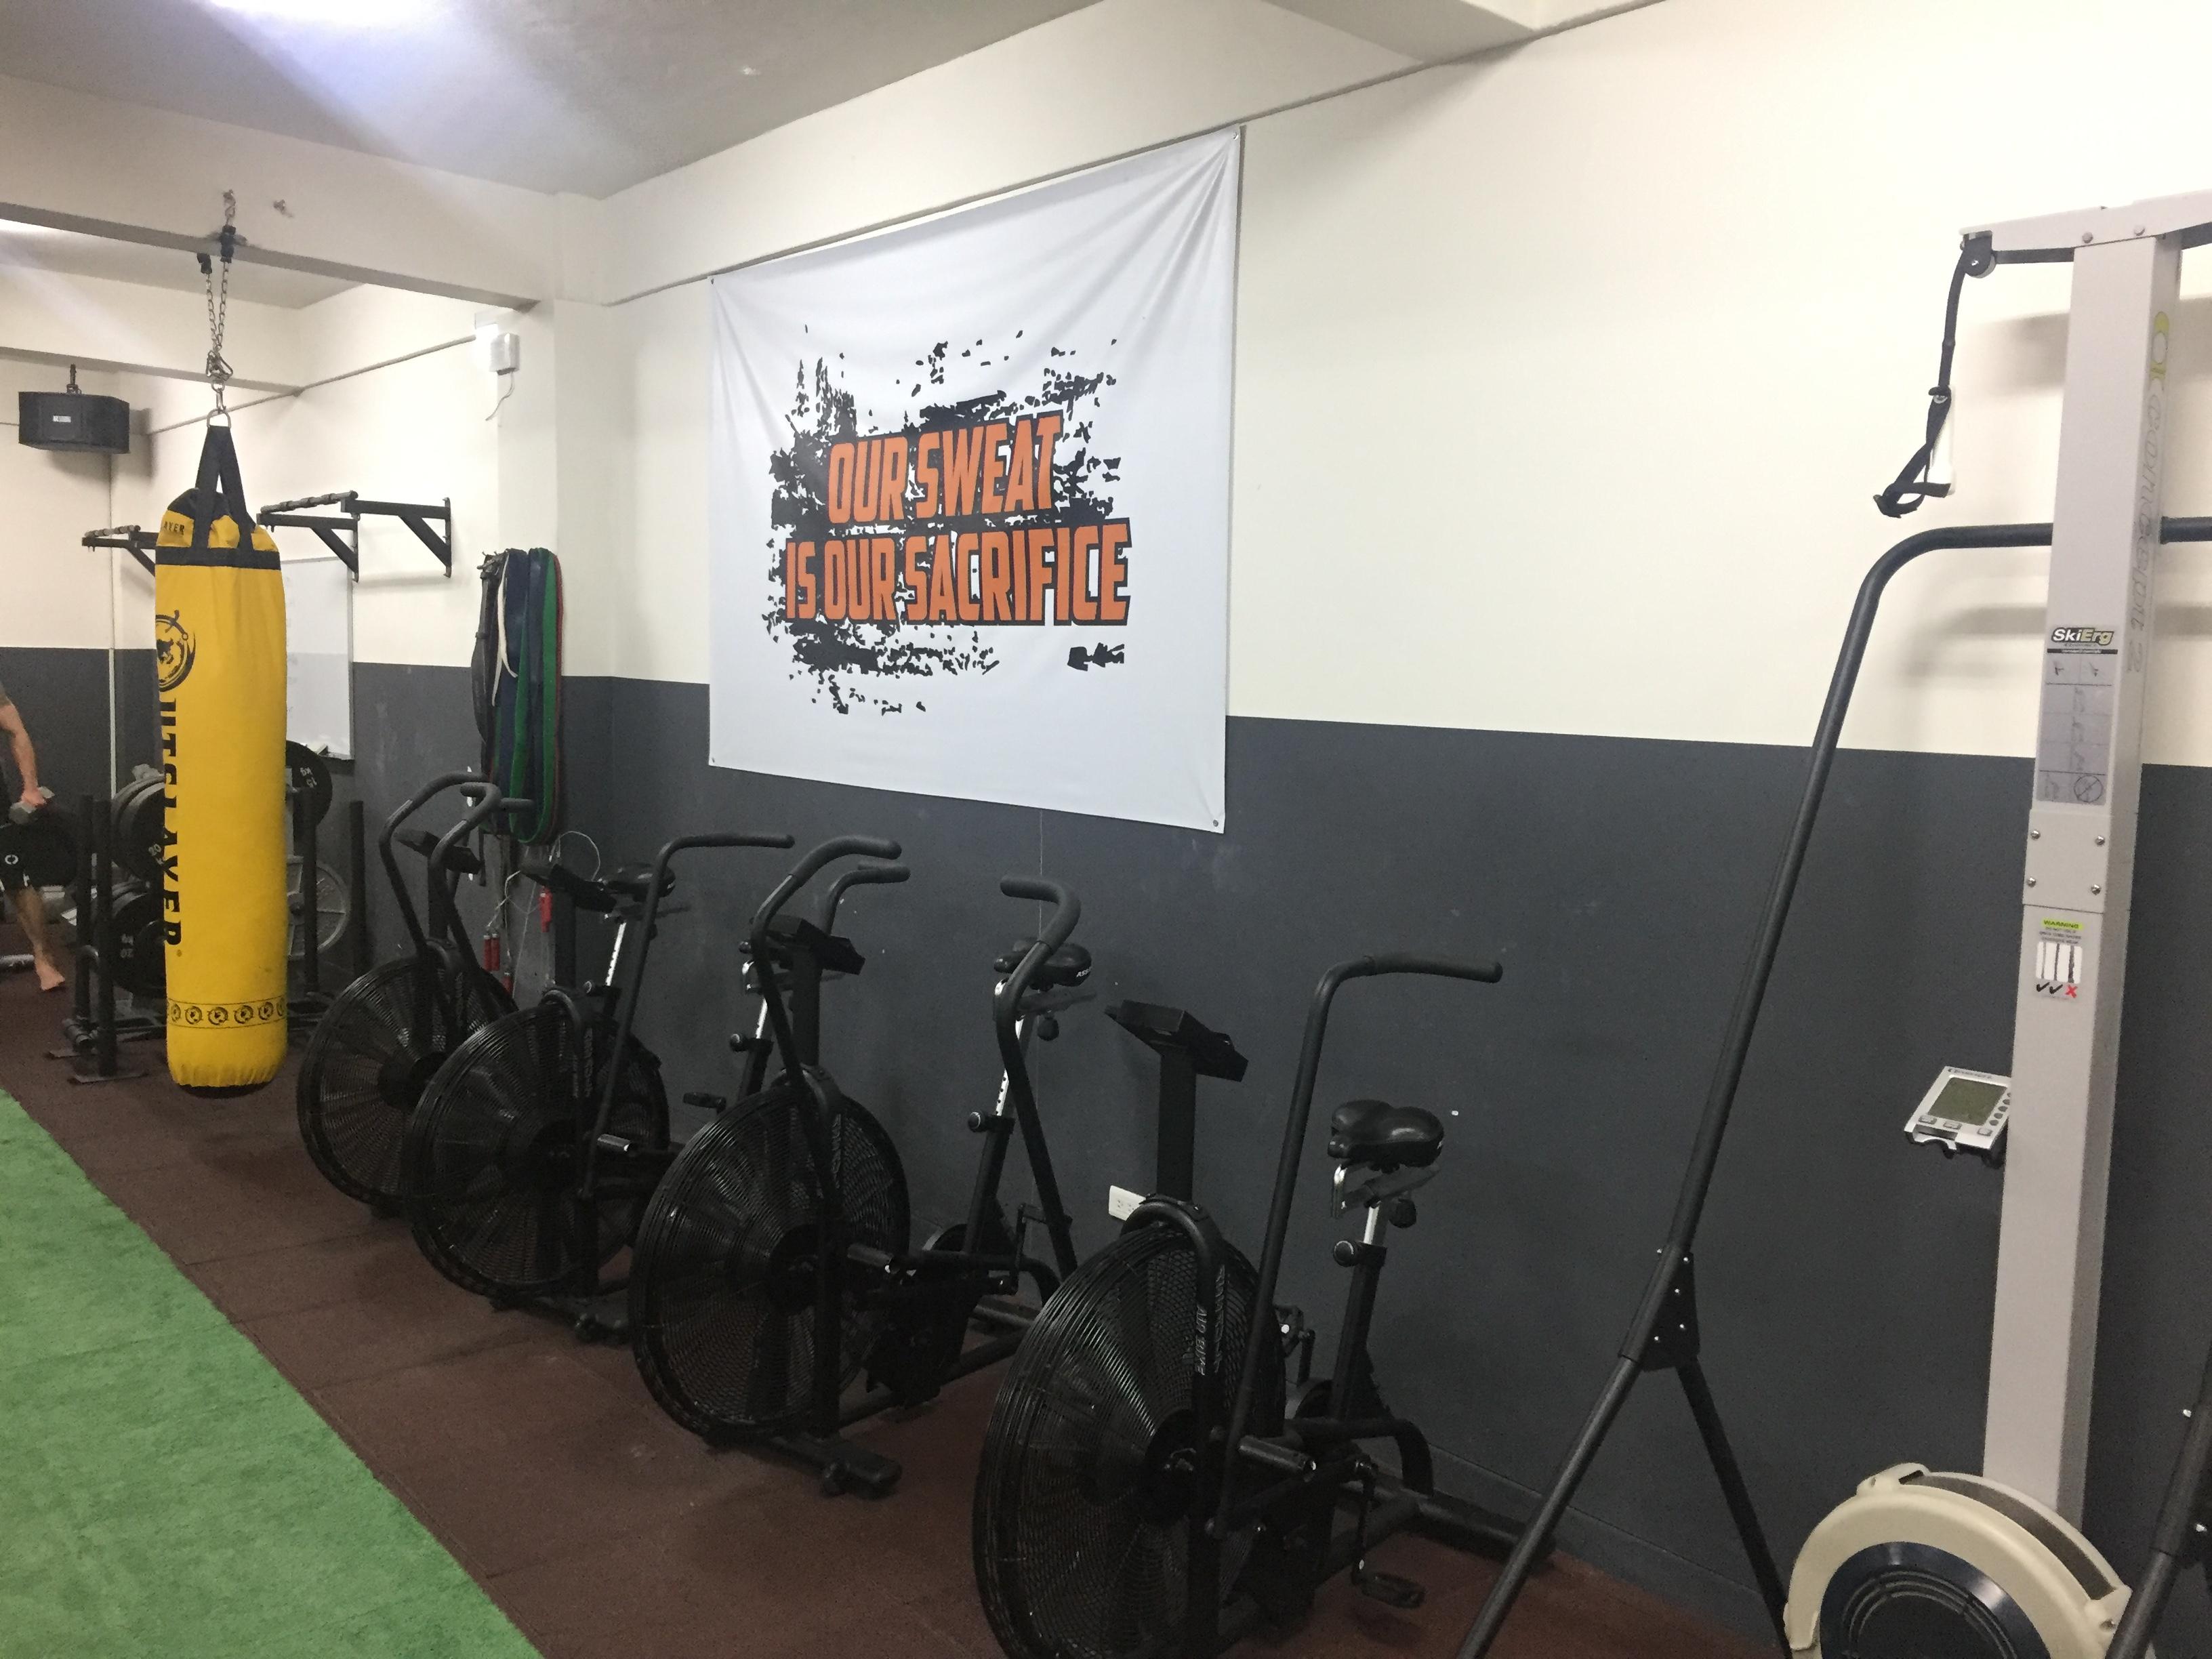 健身房內的有氧運動器材。攝影 / 潘幸暉